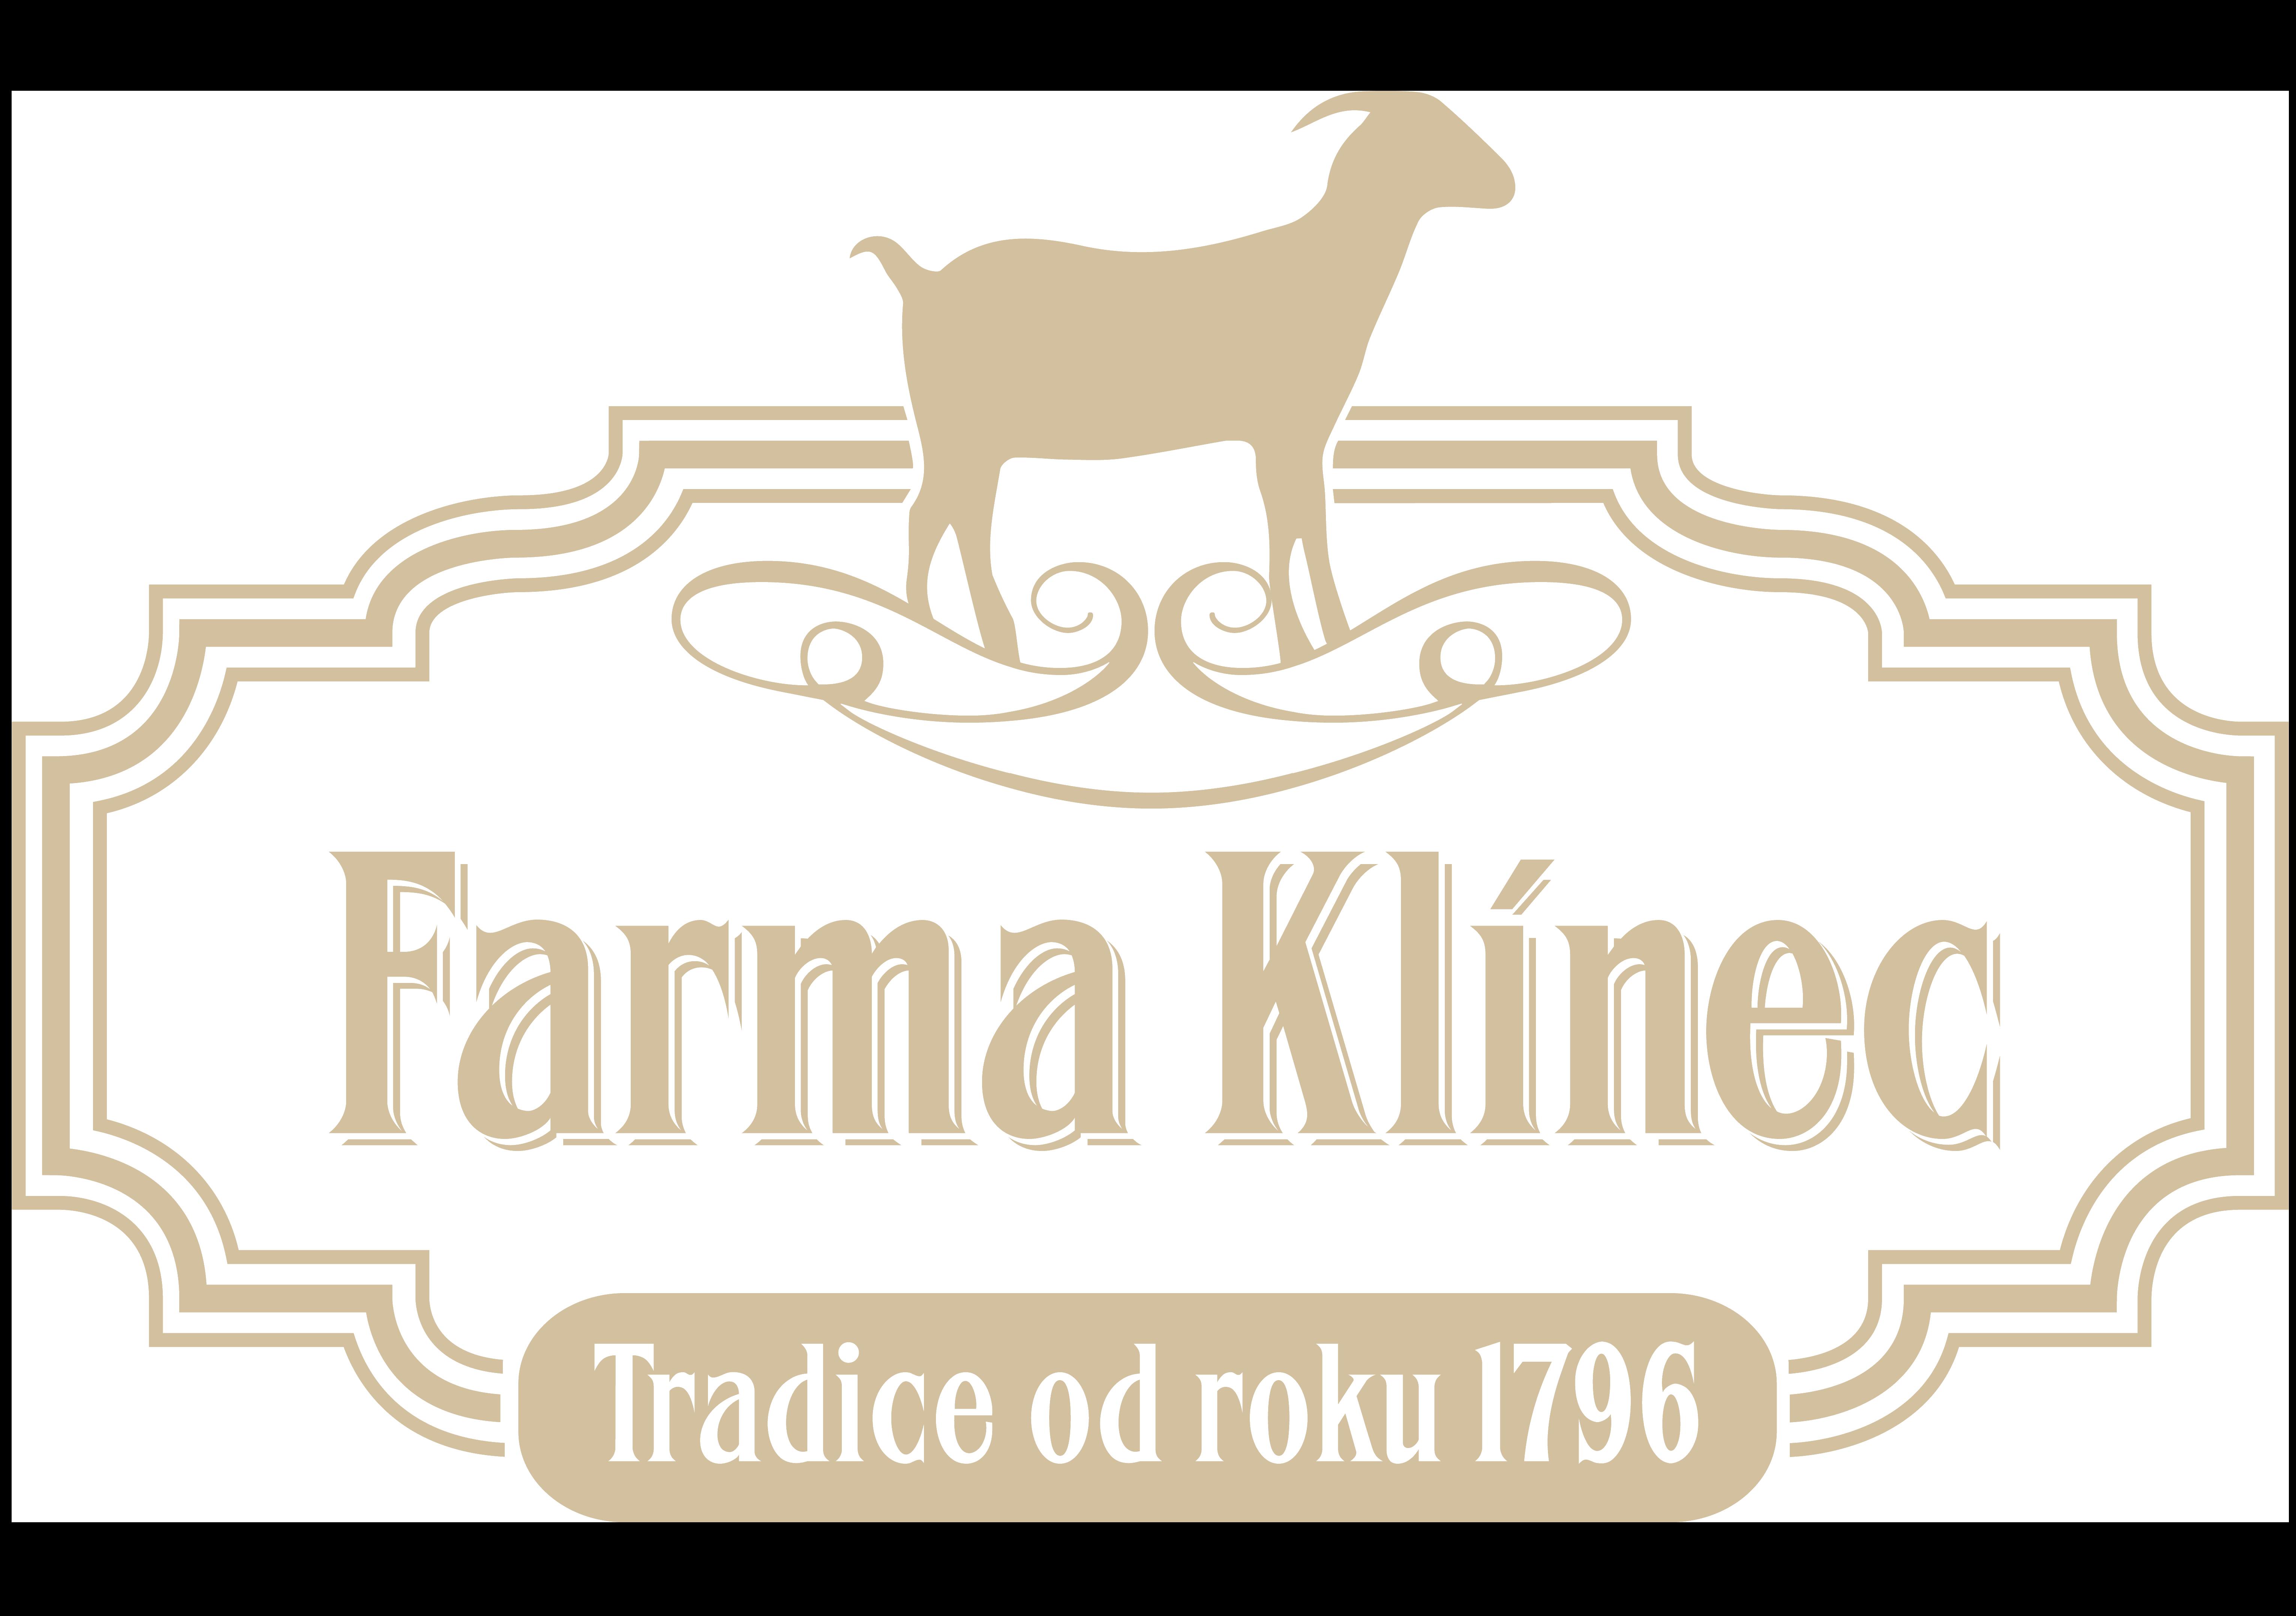 logo světlé_pruhledne pozadí